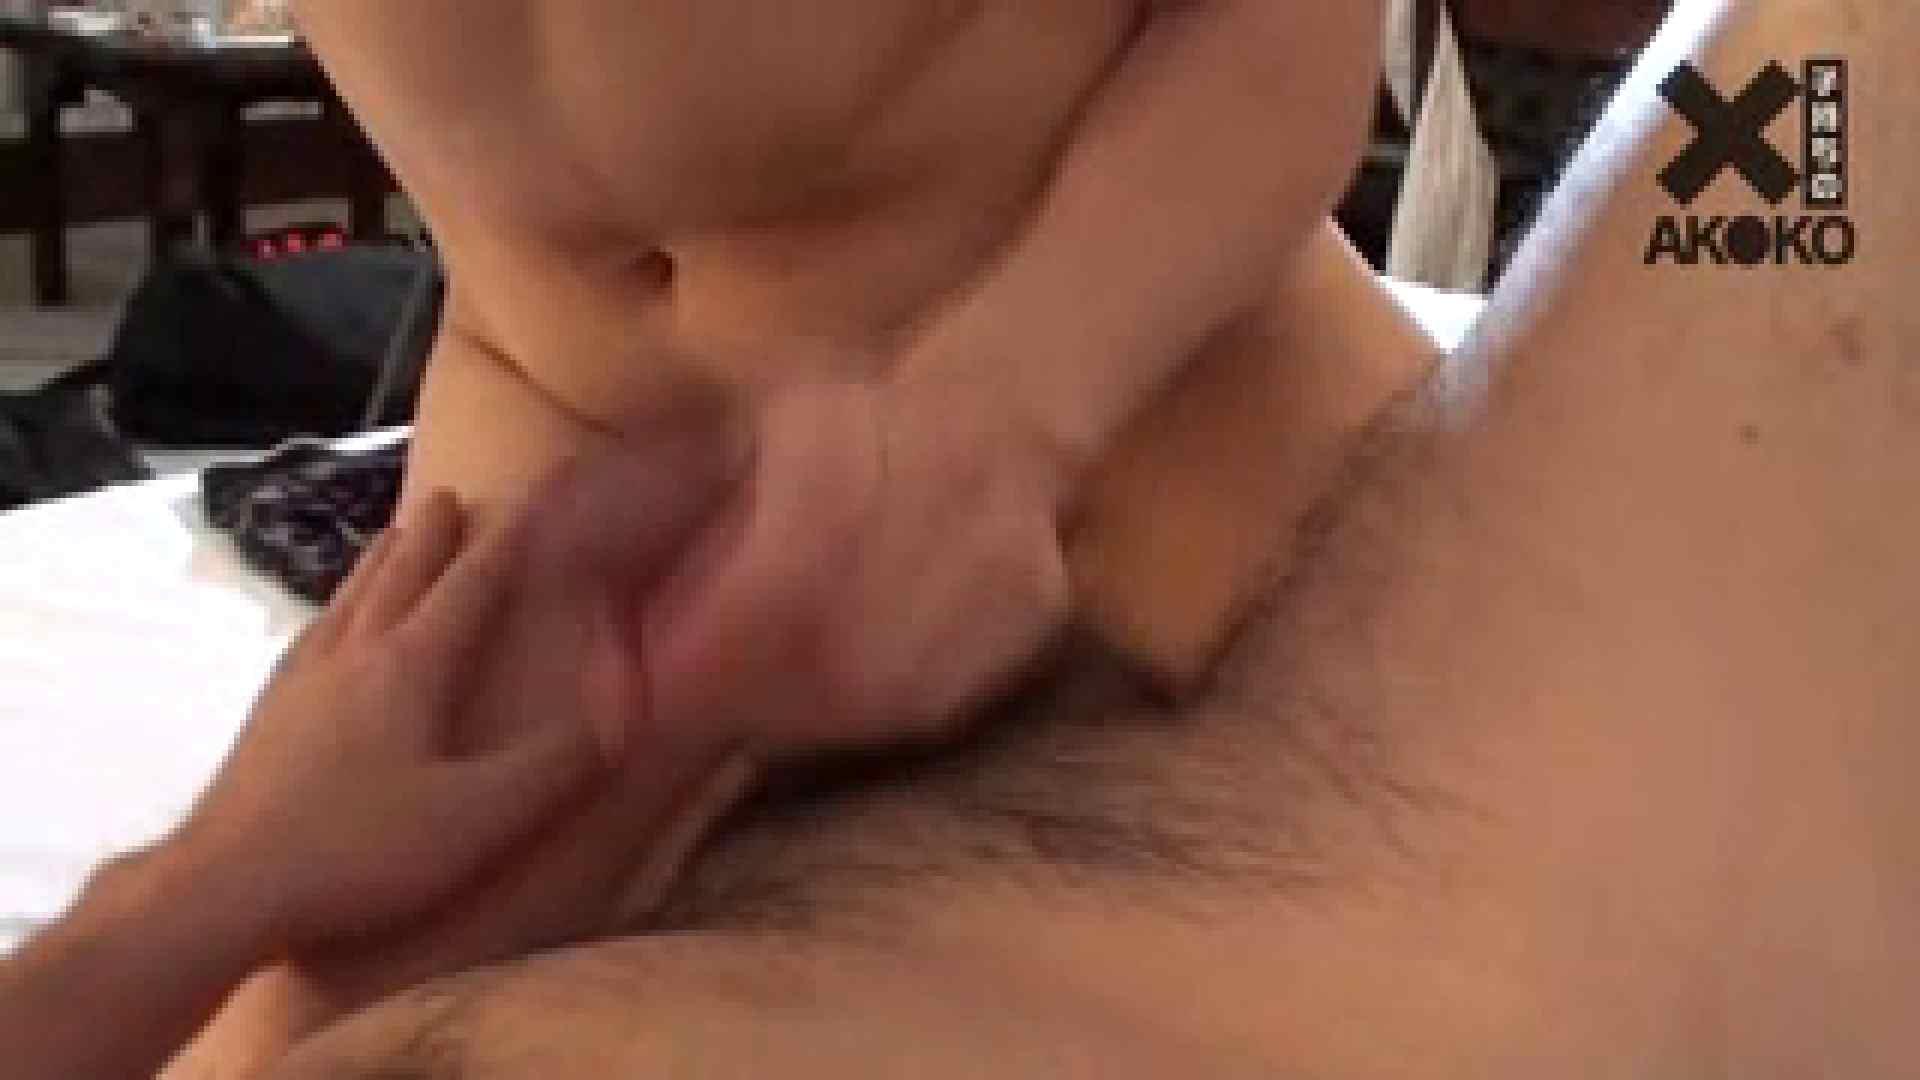 ×一子持ちの現役看護士AK I KOvol.7 美しいOLの裸体 | 中出し  88pic 71